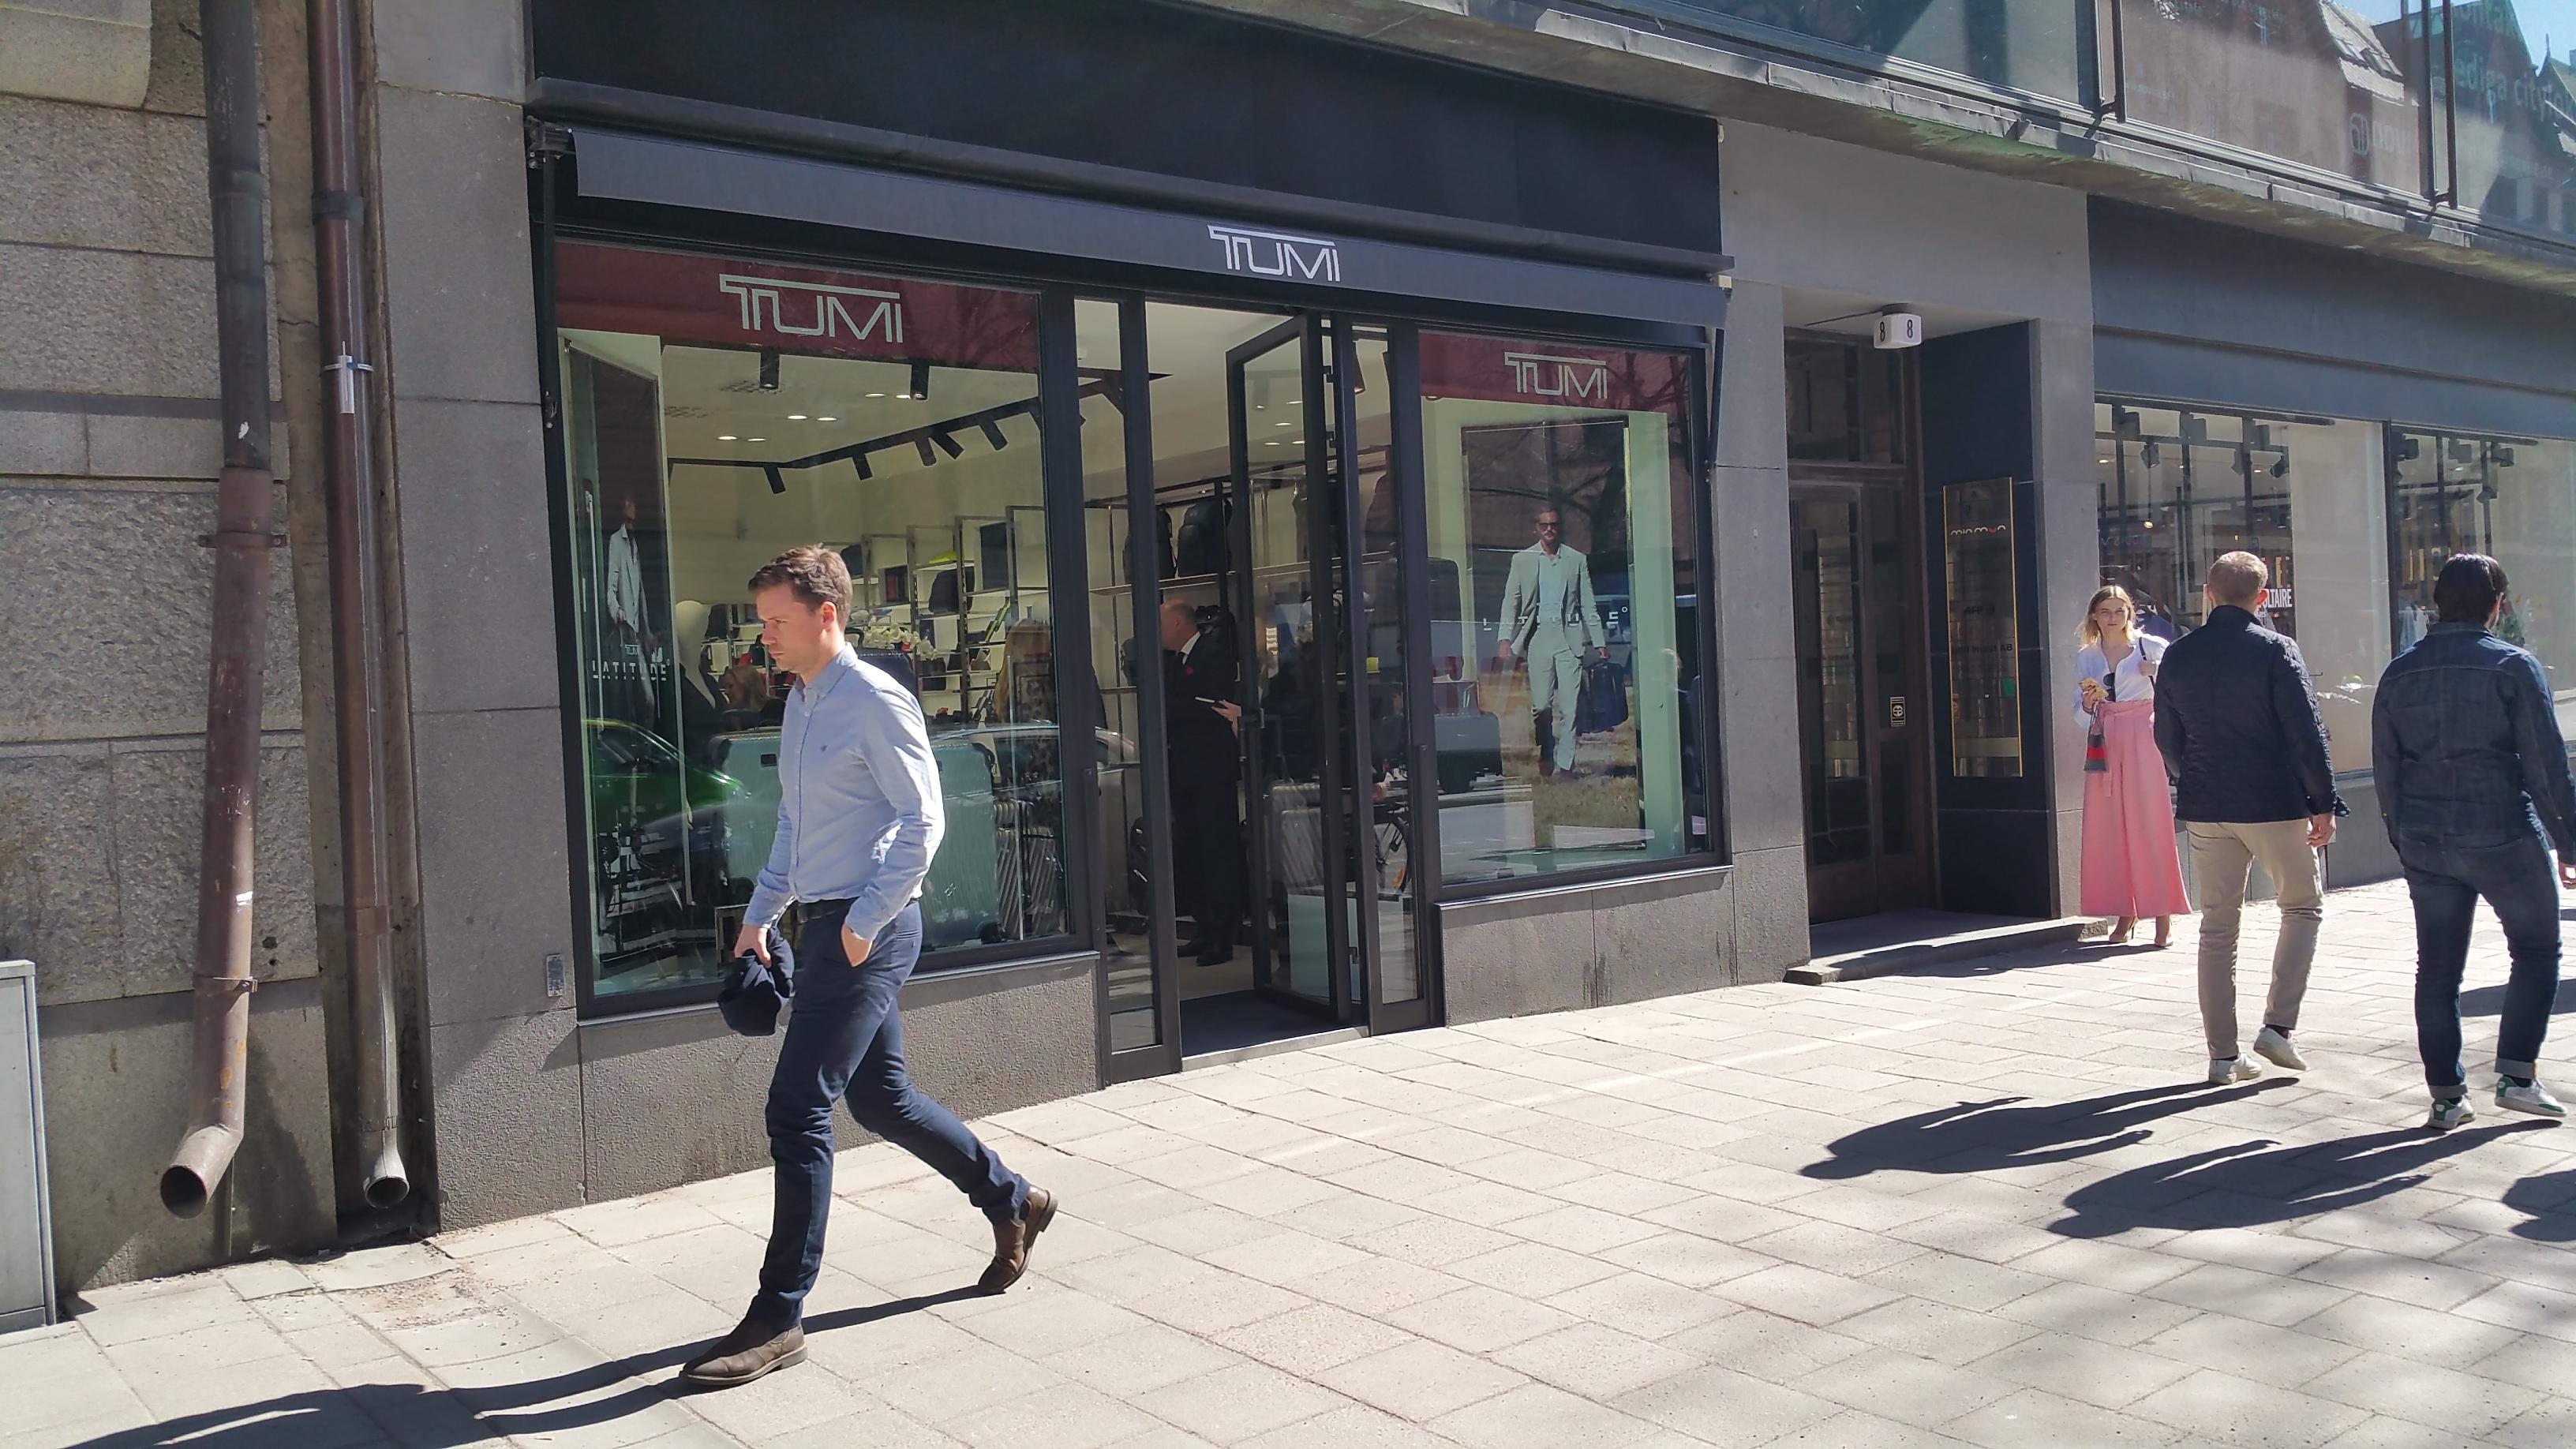 samsonite butik stockholm